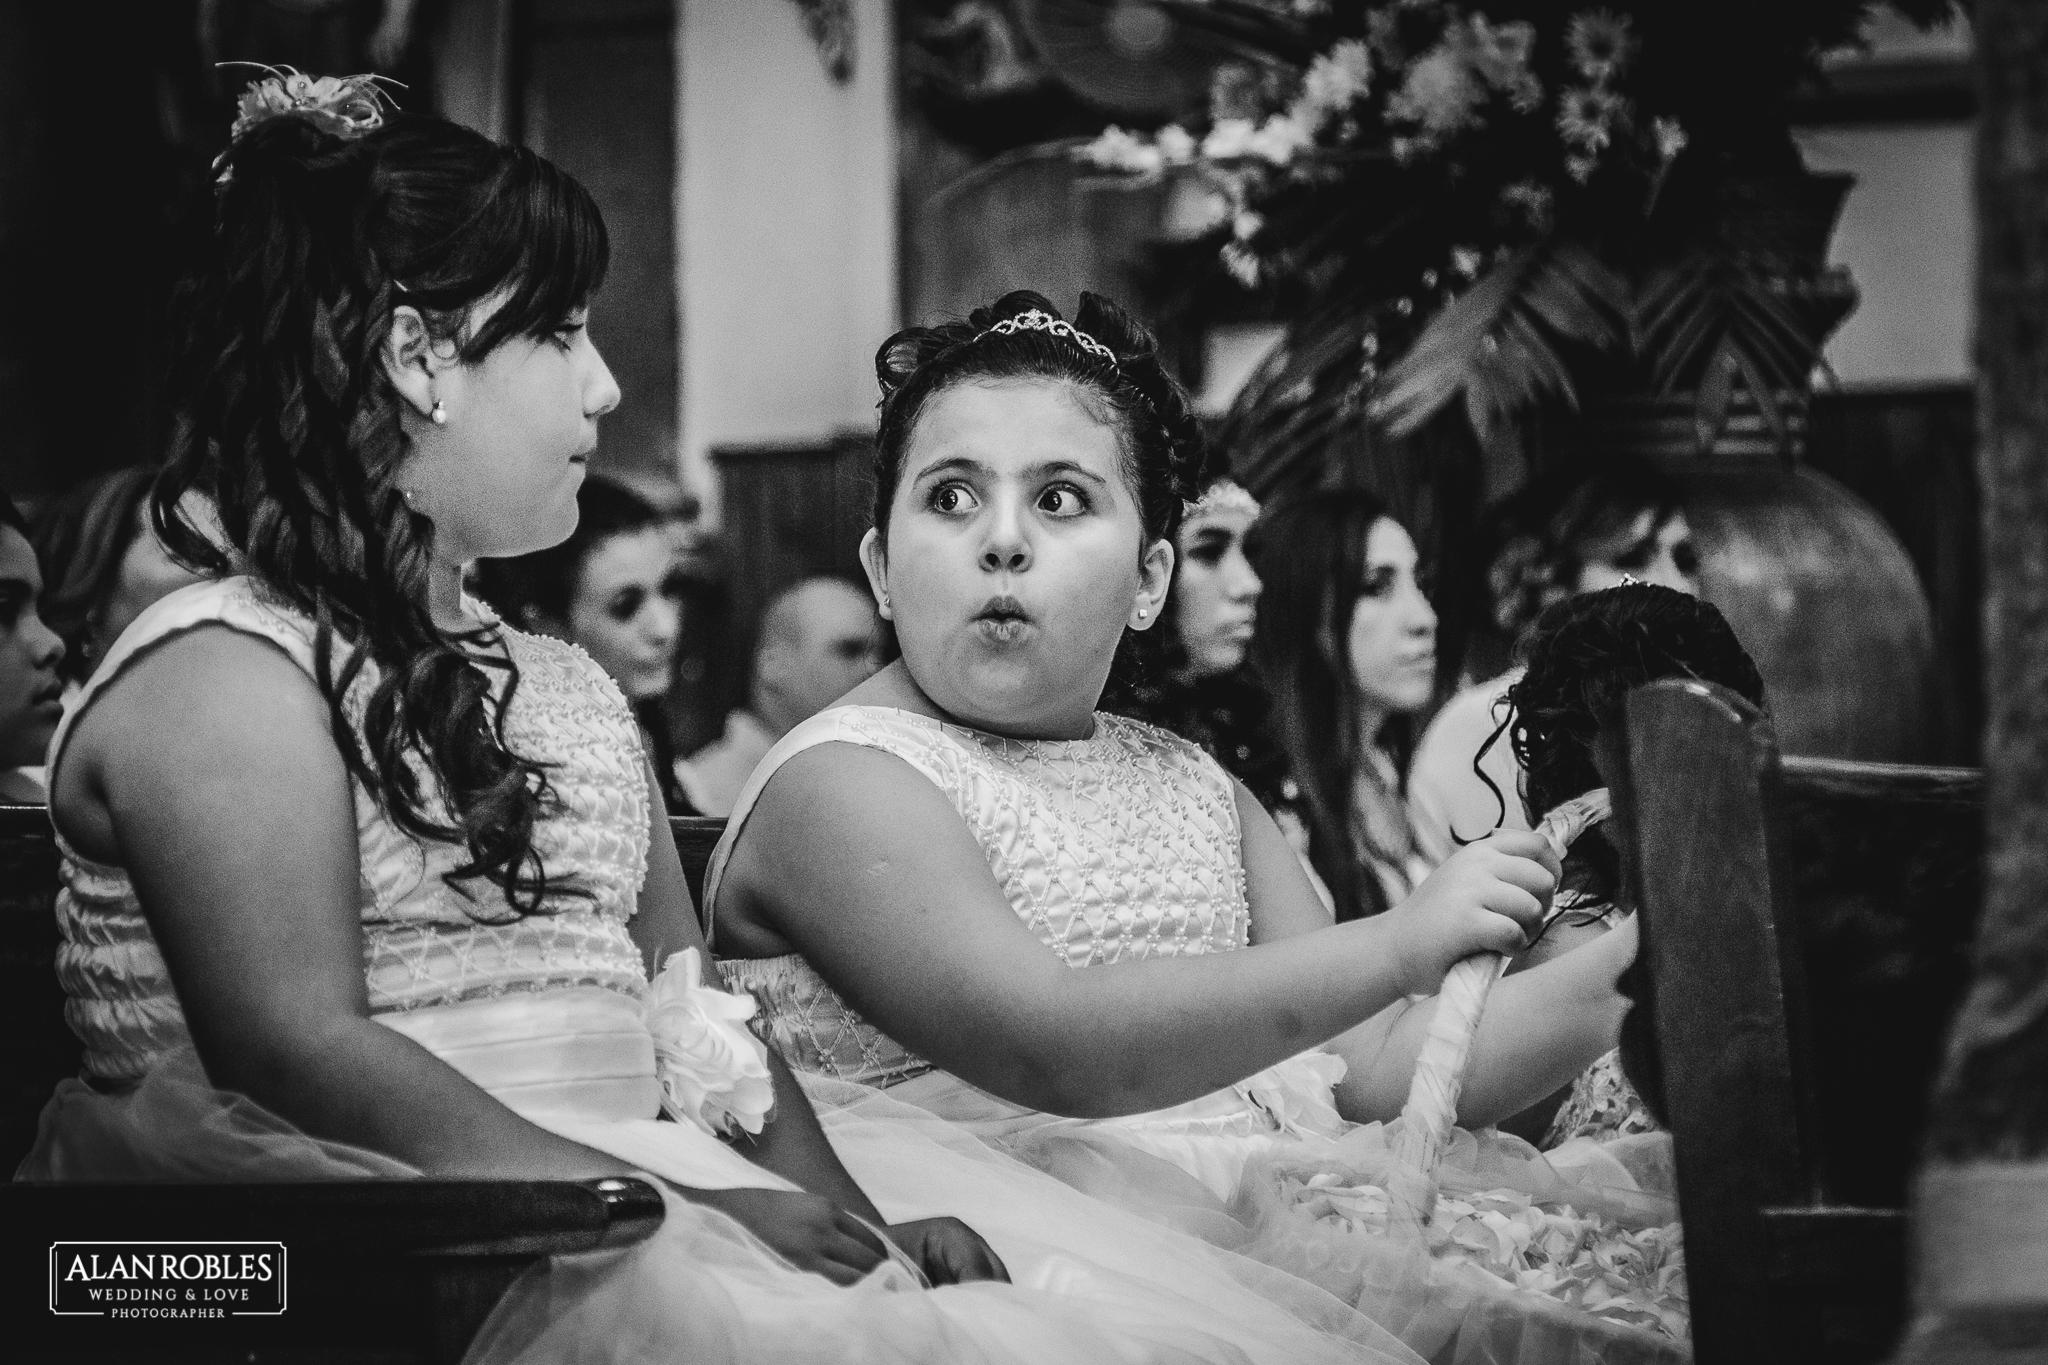 Foto de bodas en Blanco y Negro. Fotografo de bodas en Guadalajara Alan Robles. Parroquia Santo Santiago, Tonala.